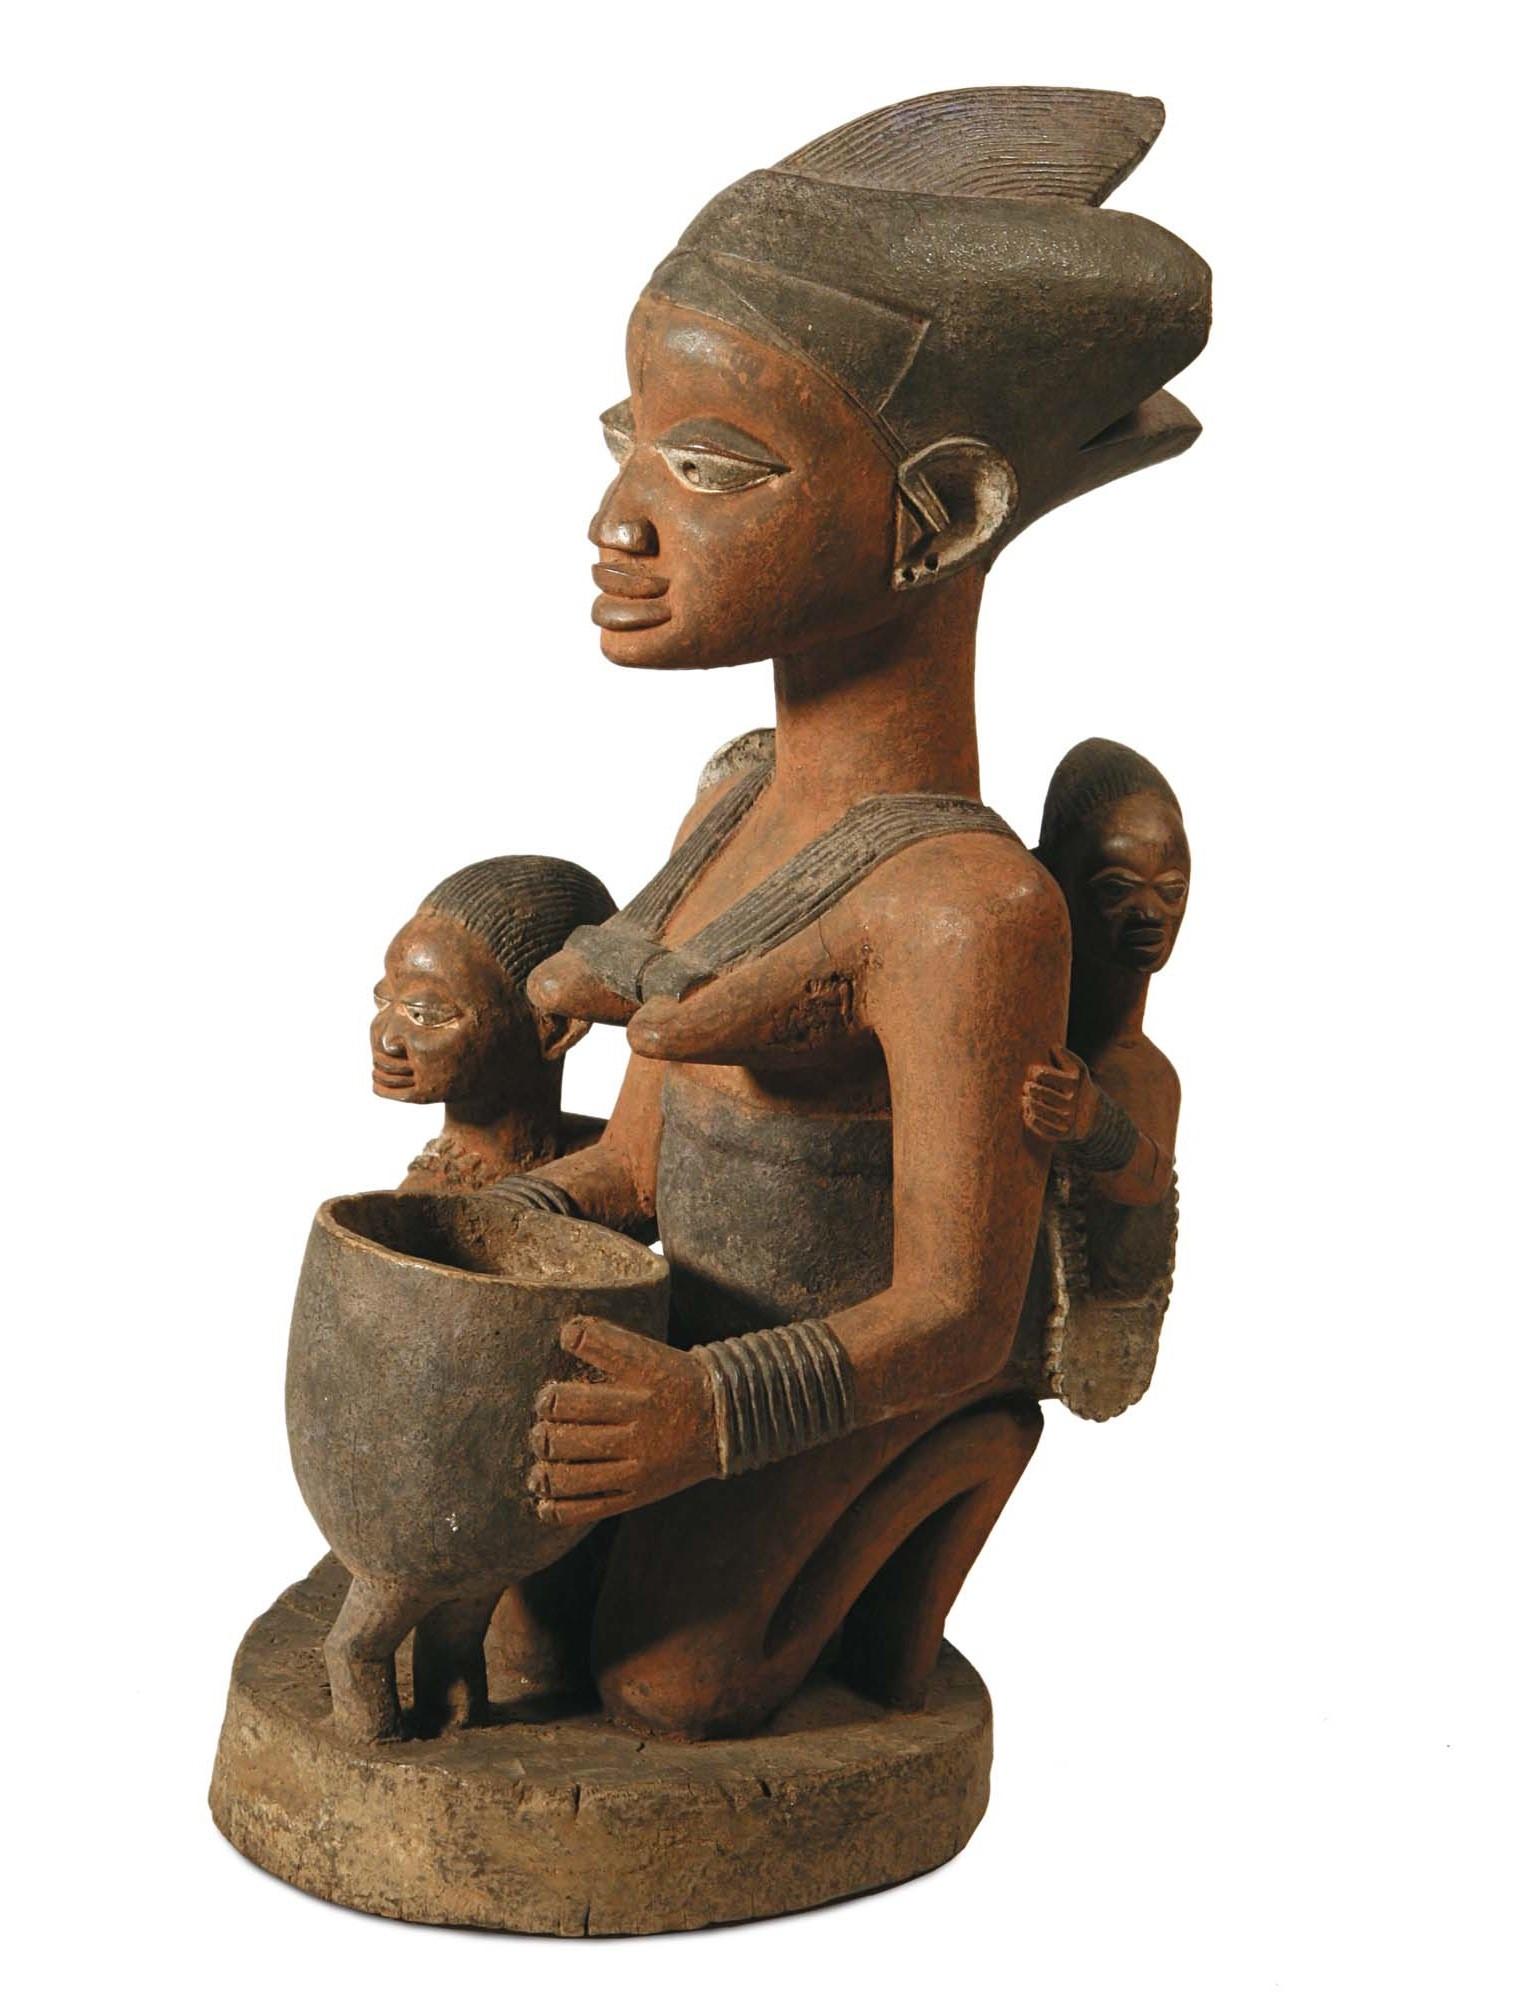 Maternità nell'arte africana, Kongo, Congo